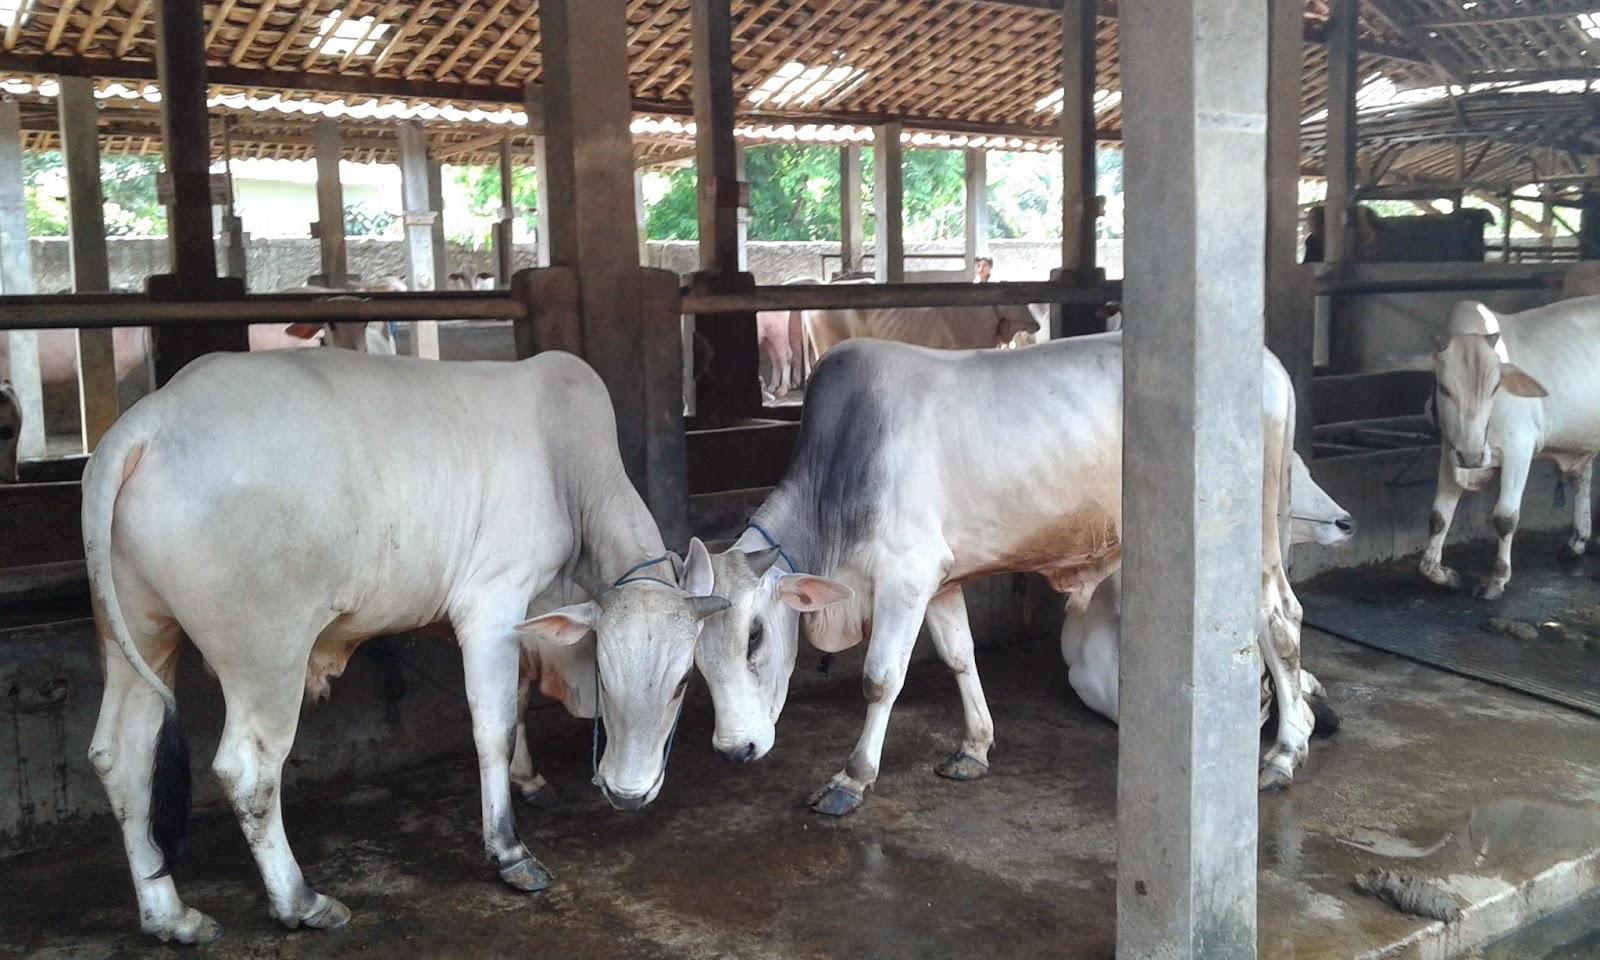 Wisata Edukasi Dkandang Dkandang Farm Merupakan Agrowisata